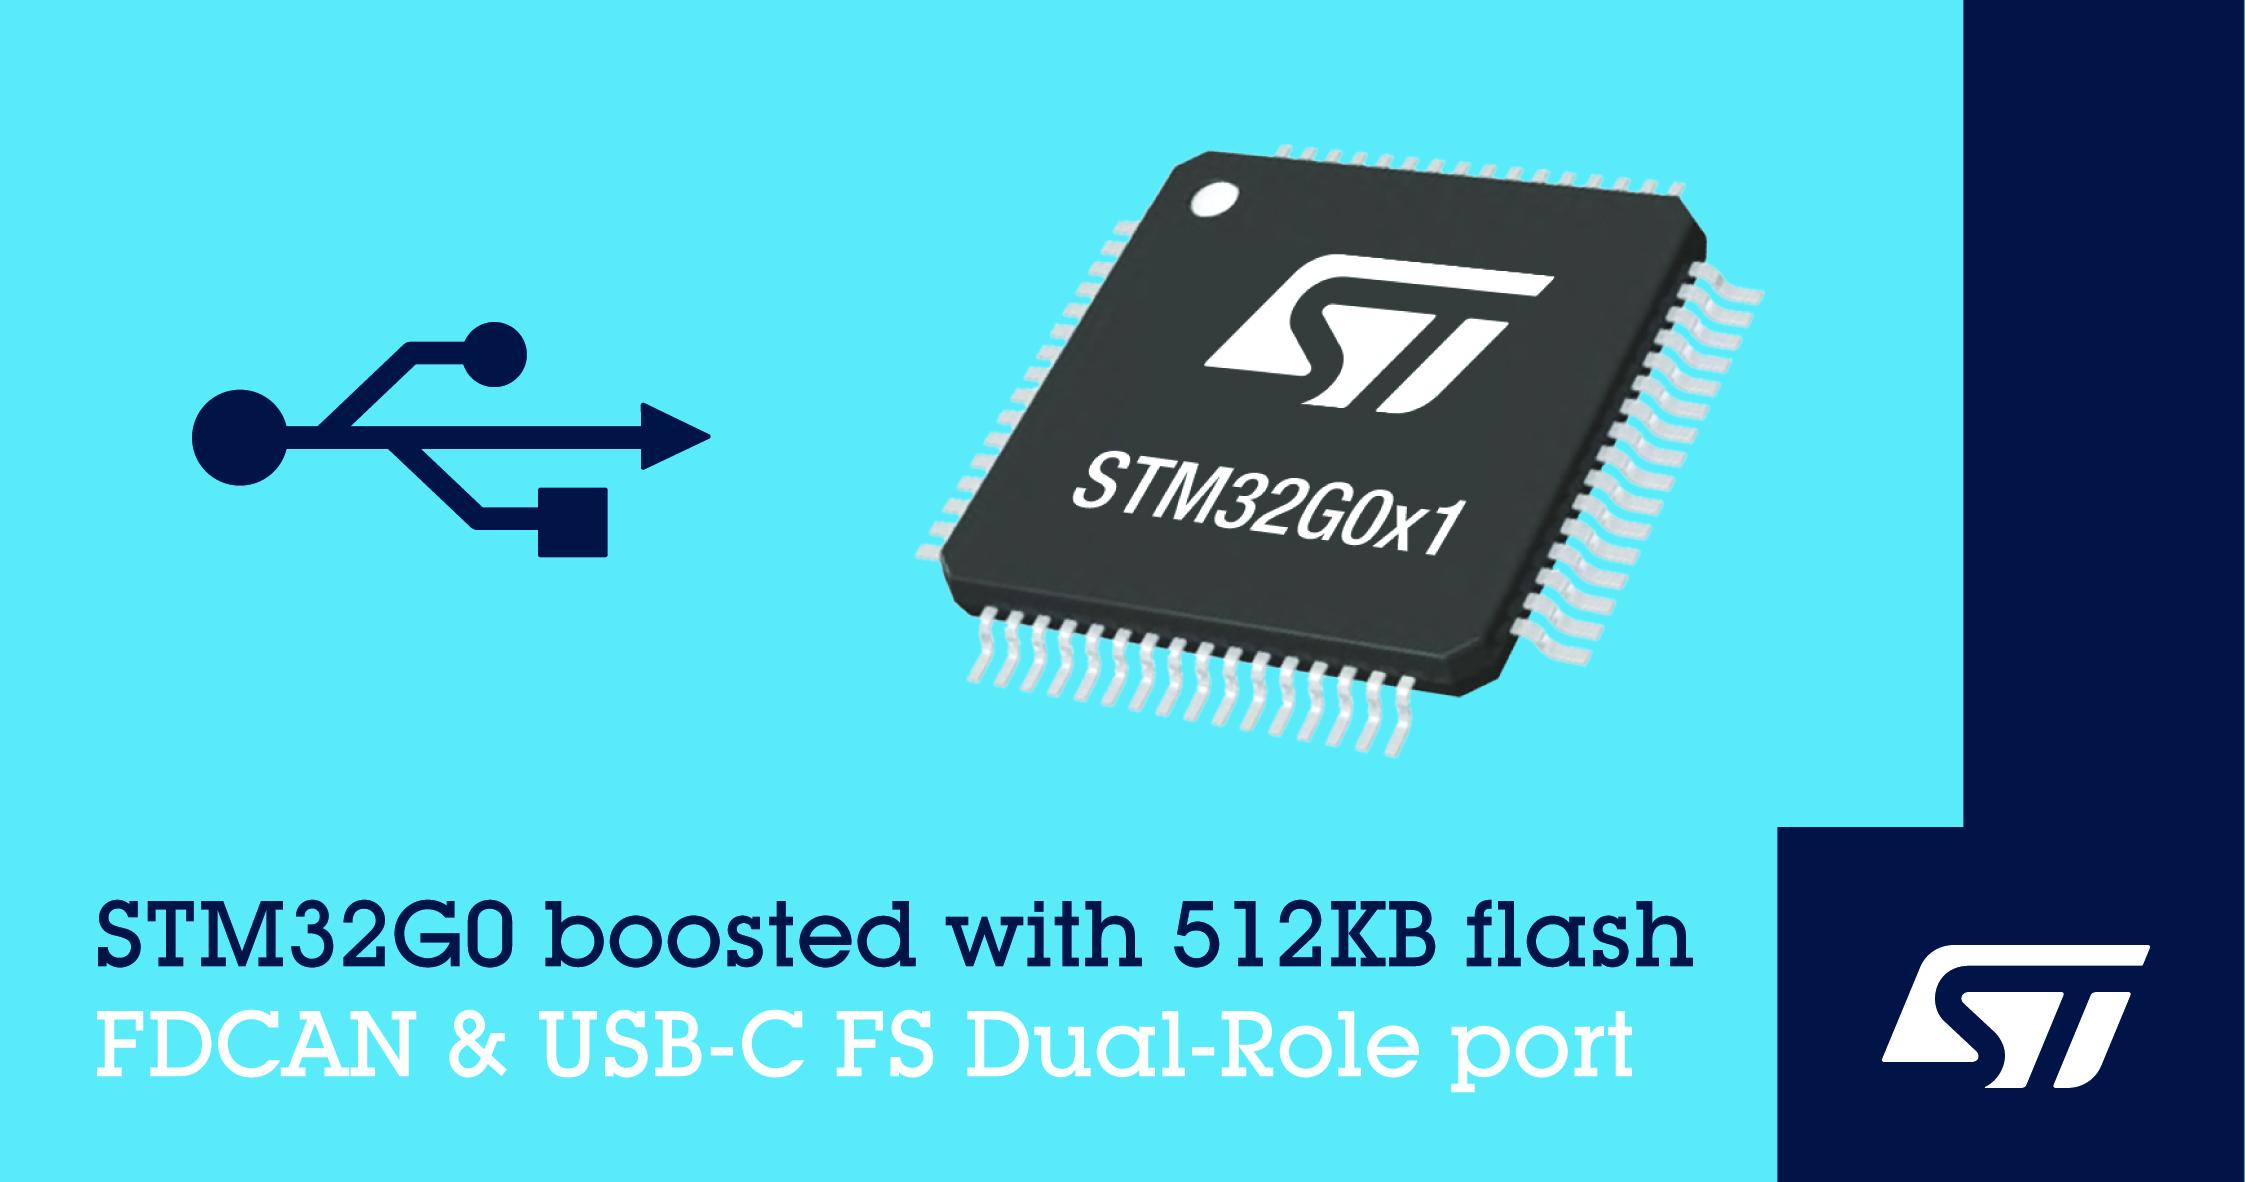 意法半导体发布新STM32G0微控制器,增加USB-C全速双模端口、CAN FD接口和更大容量的存储器